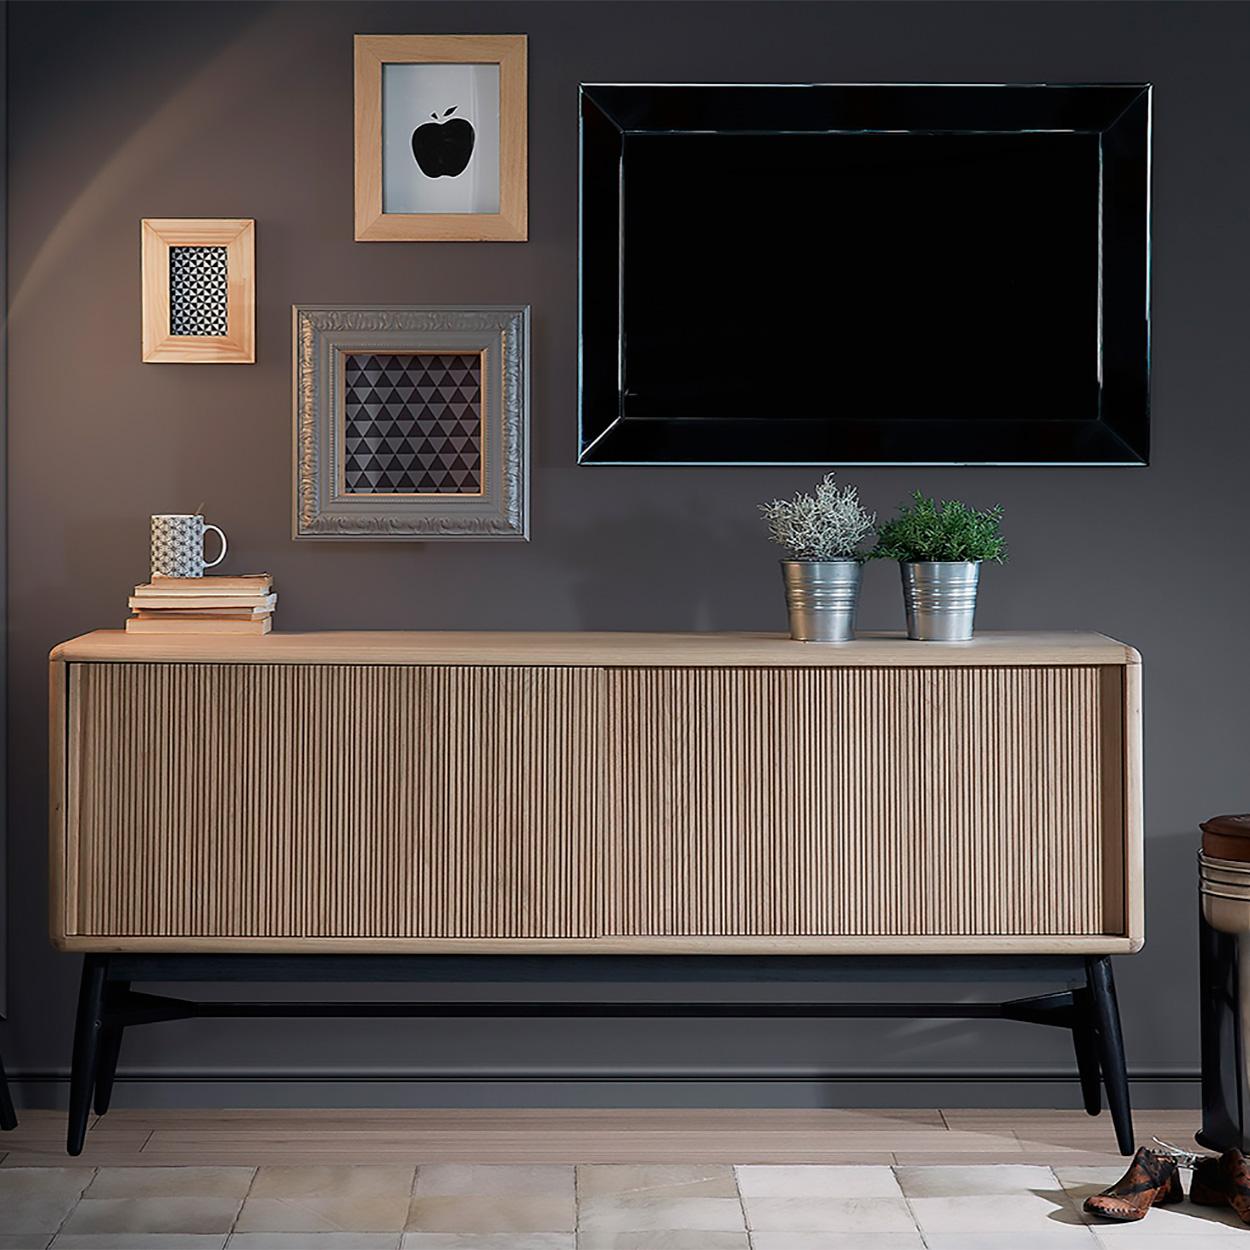 Muebles de comedor aparadores de estilo nordico para el - Aparadores para cocina ...